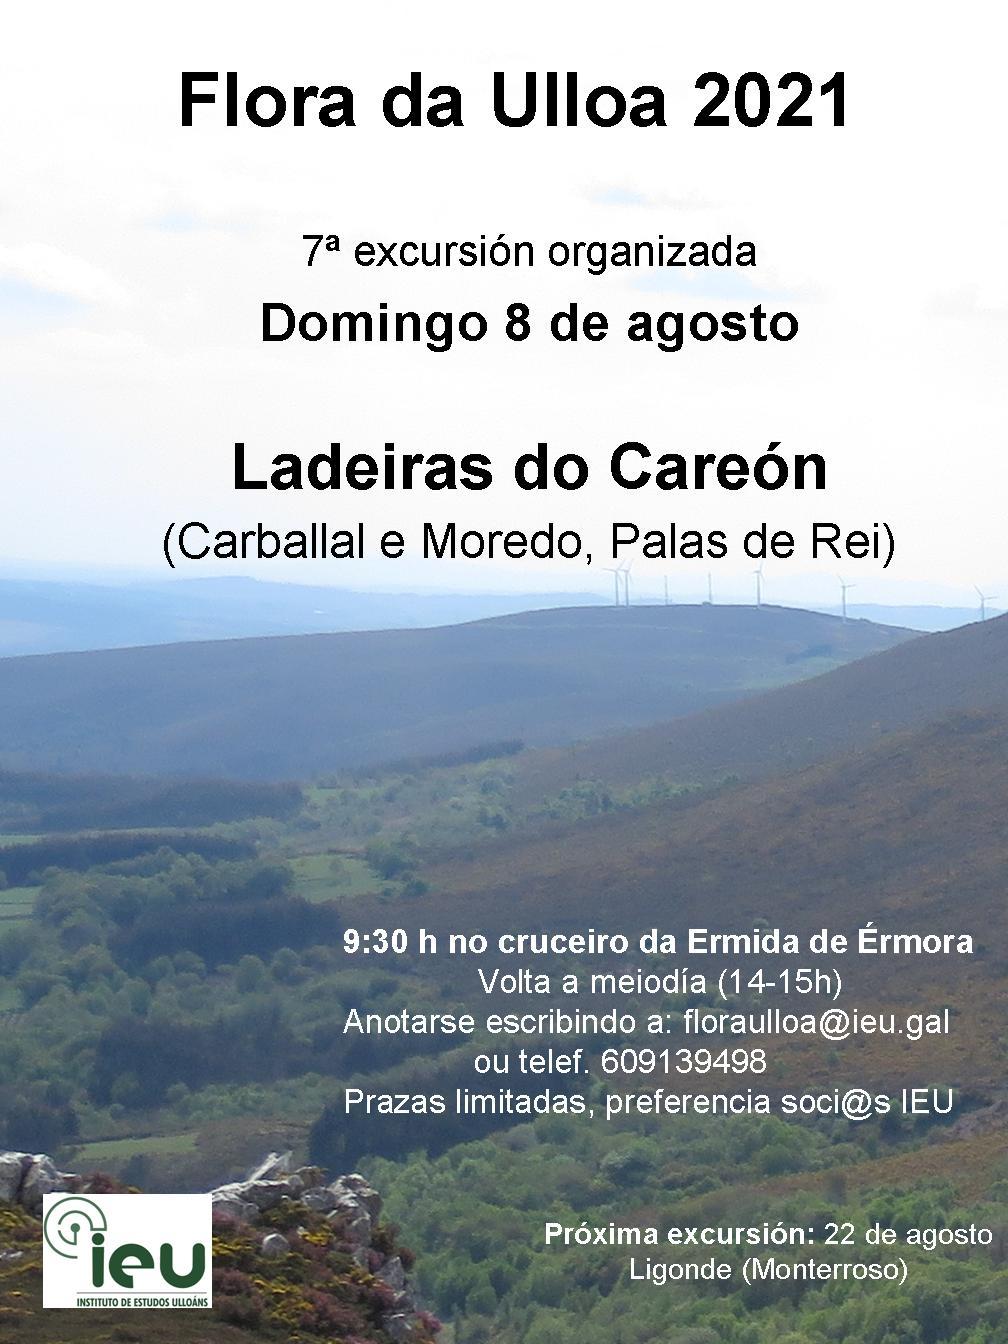 Excursión Flora da Ulloa 7ª-2021, Careón